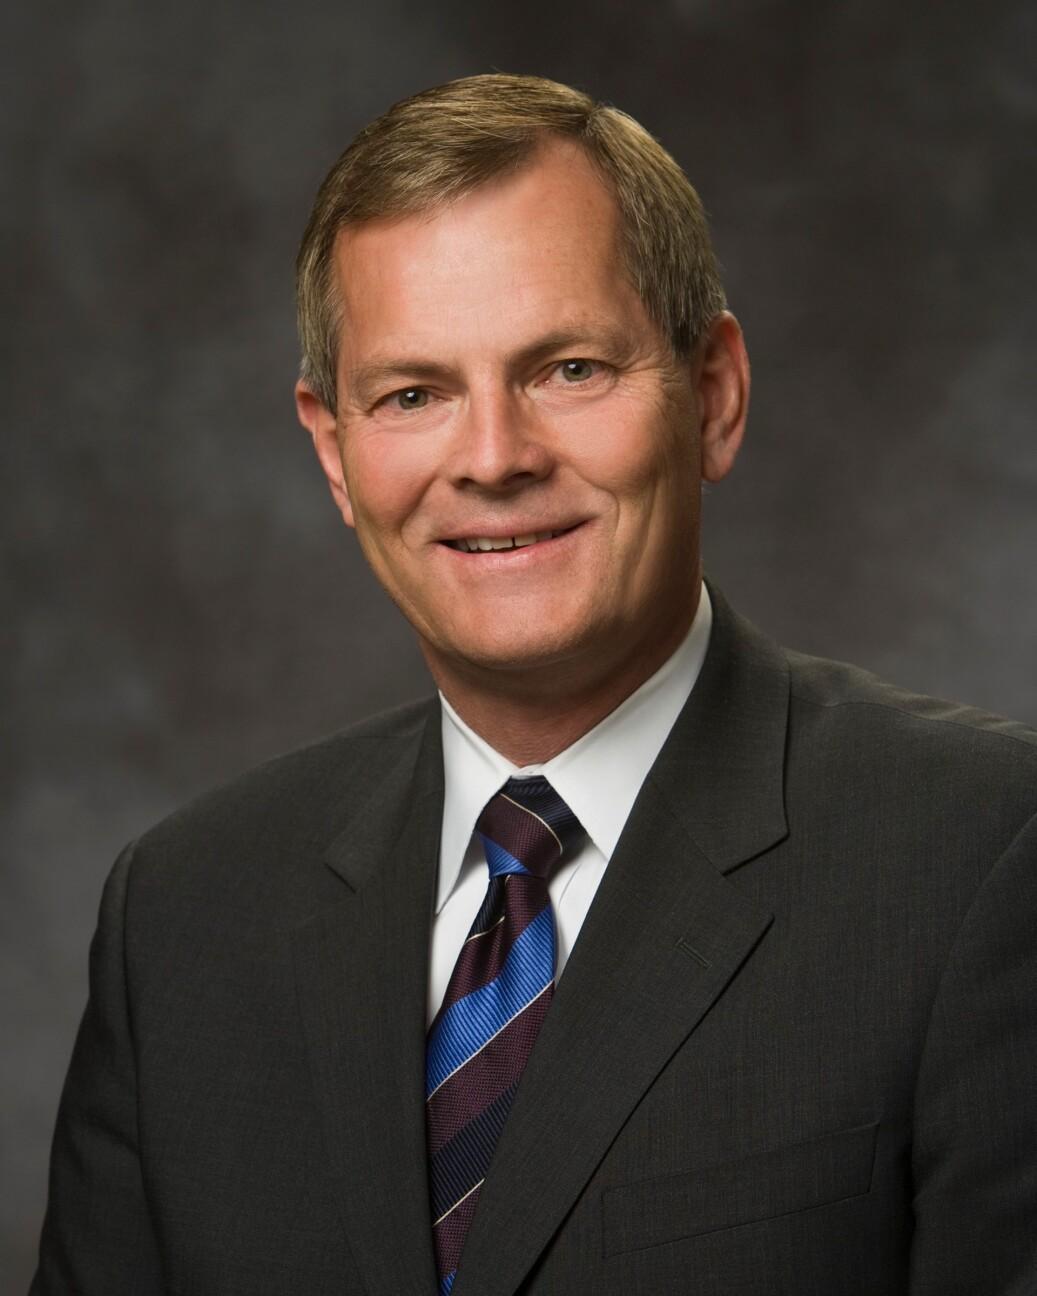 Elder Gary E. Stevenson portrait